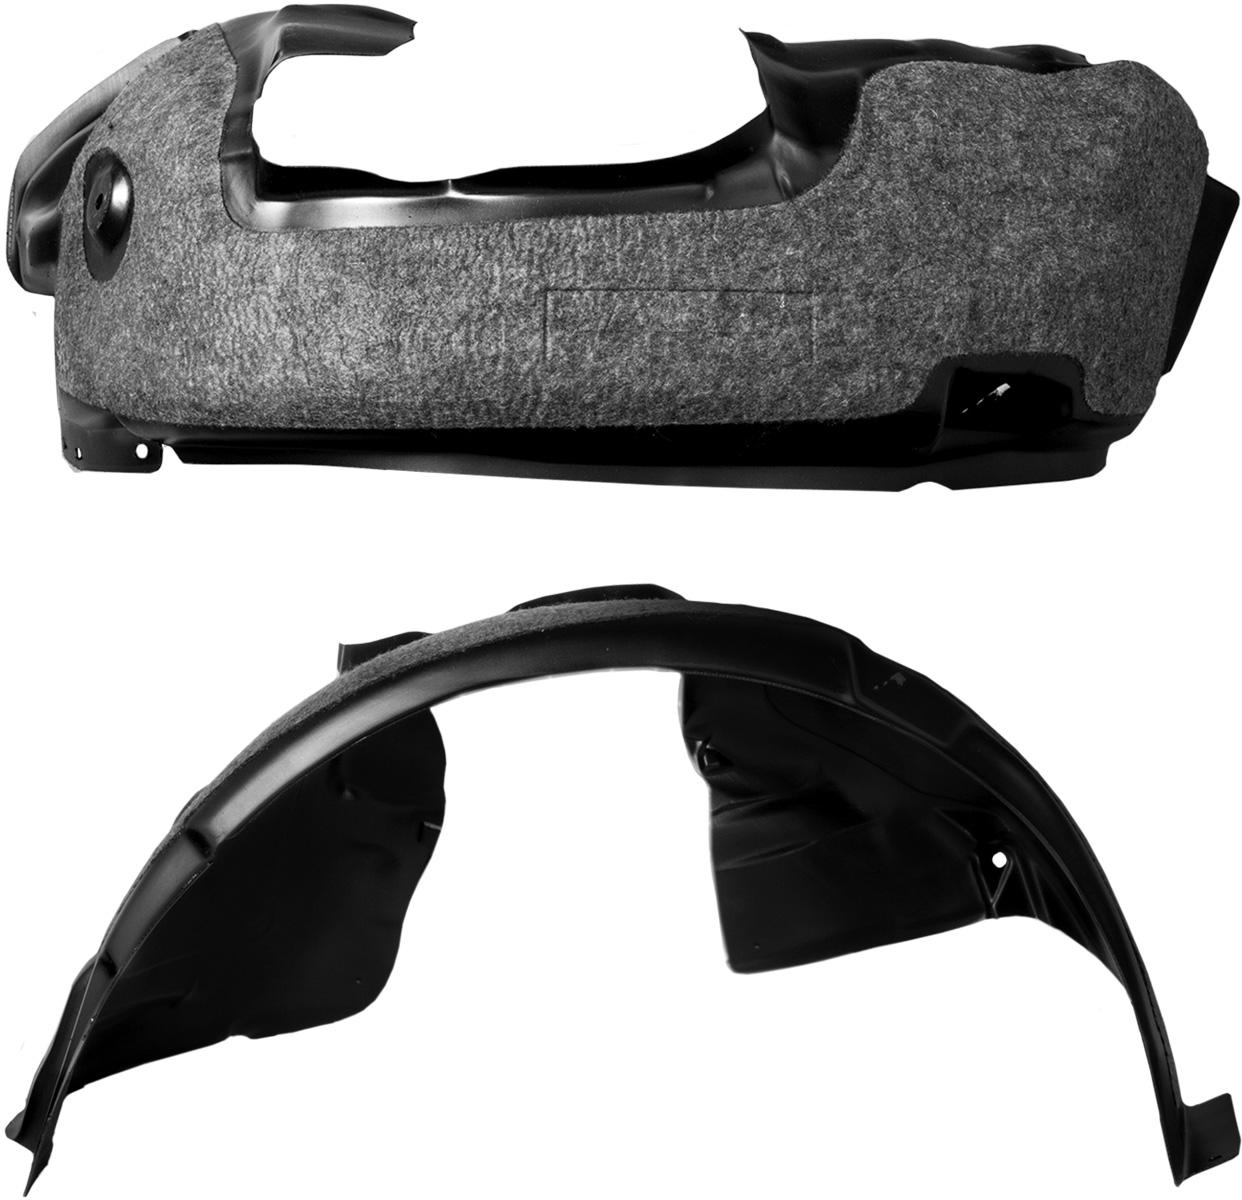 Подкрылок с шумоизоляцией Novline-Autofamily, для Peugeot 408 седан, 04/2012 -> (передний левый)NLS.38.21.001Подкрылок с шумоизоляцией - революционный продукт, совмещающий в себе все достоинства обычного подкрылка, и в то же время являющийся одним из наиболее эффективных средств борьбы с внешним шумом в салоне автомобиля. Подкрылки бренда Novline-Autofamily разрабатываются индивидуально для каждого автомобиля с использованием метода 3D-сканирования.В качестве шумоизолирующего слоя применяется легкое синтетическое нетканое полотно толщиной 10 мм, которое отталкивает влагу, сохраняет свои шумоизоляционные свойства на протяжении всего периода эксплуатации.Подкрылки с шумоизоляцией не имеют эксплуатационных ограничений и устанавливаются один раз на весь срок службы автомобиля.Подкрылки с шумоизоляцией не имеют аналогов и являются российским изобретением, получившим признание во всём мире. Уважаемые клиенты! Обращаем ваше внимание, фото может не полностью соответствовать оригиналу.